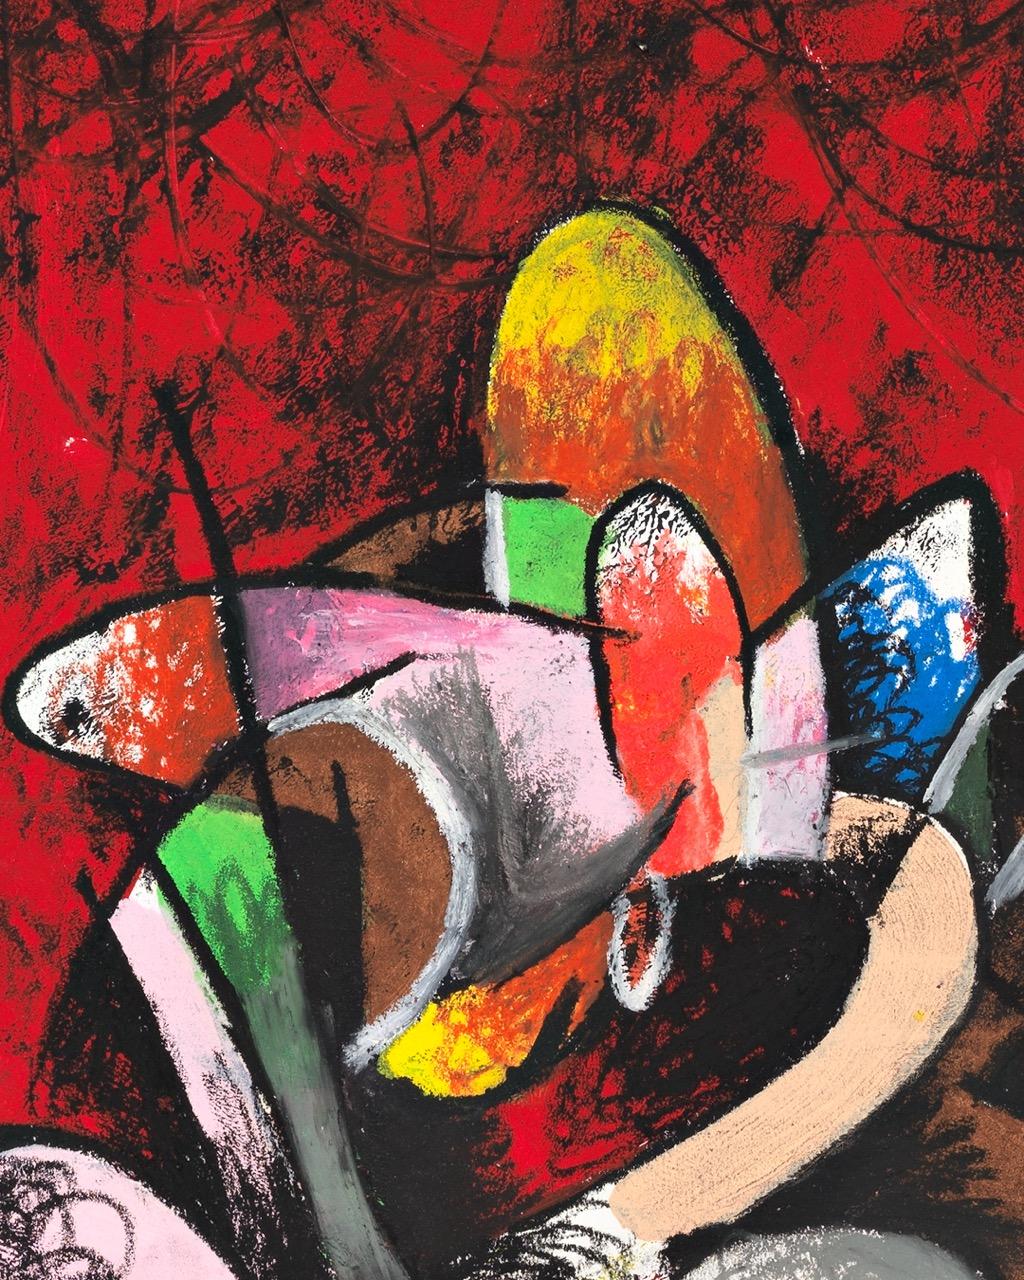 Reginald Sylvester Pace Prints AM  - 3 (1)